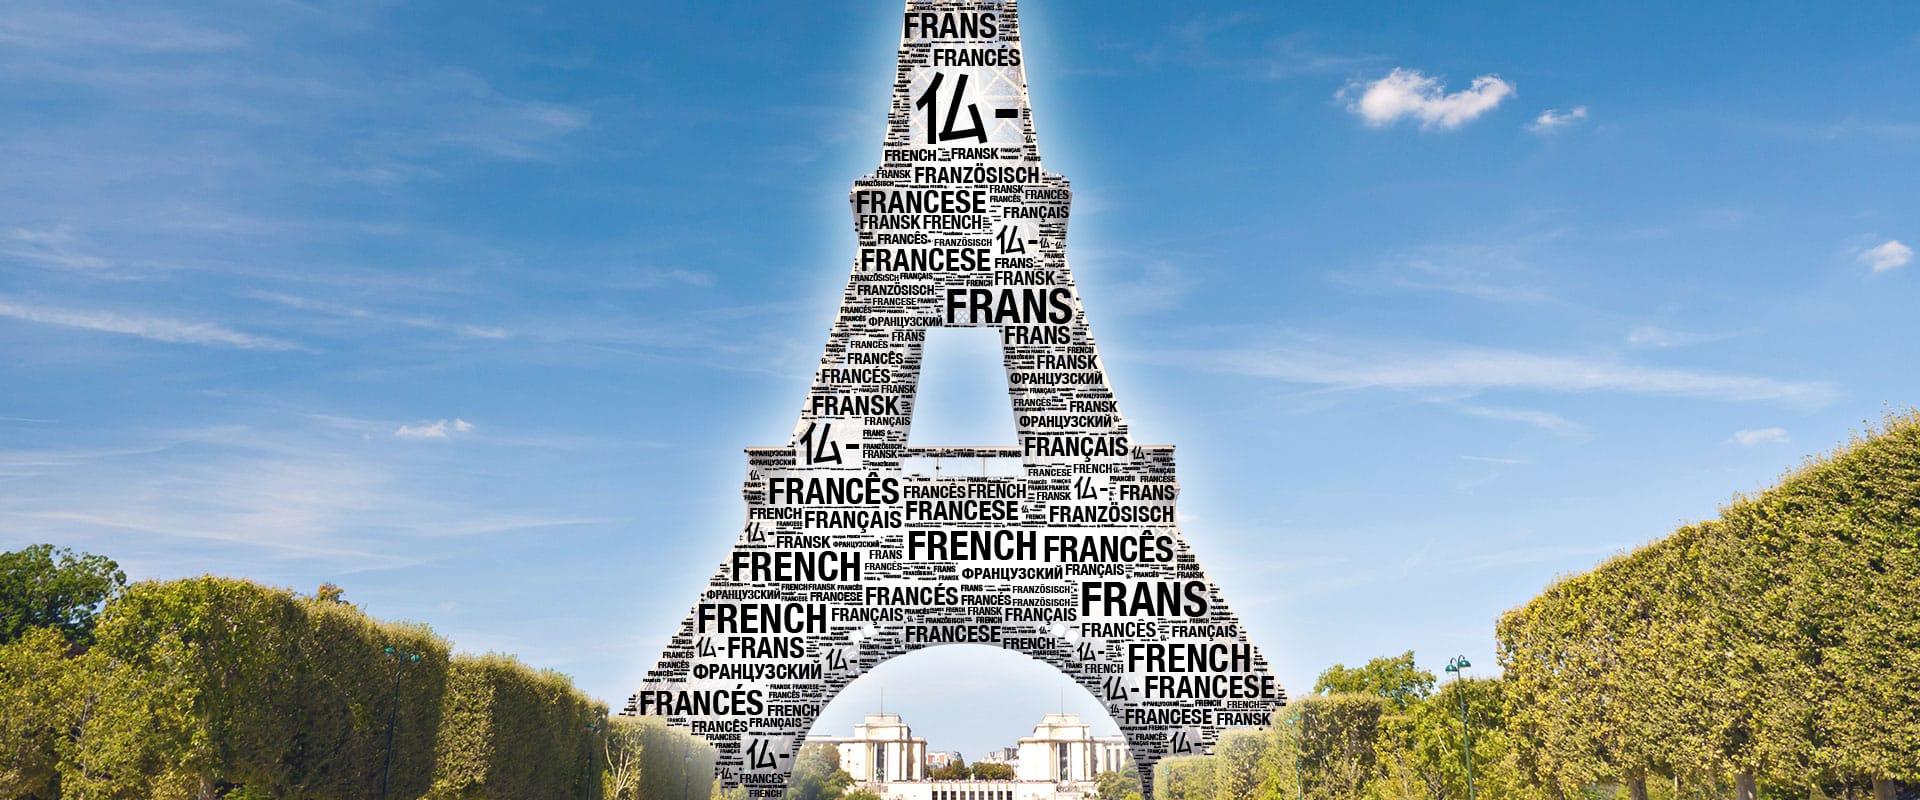 Fachübersetzungen München - Eiffelturm Wortwolke Hintergrund